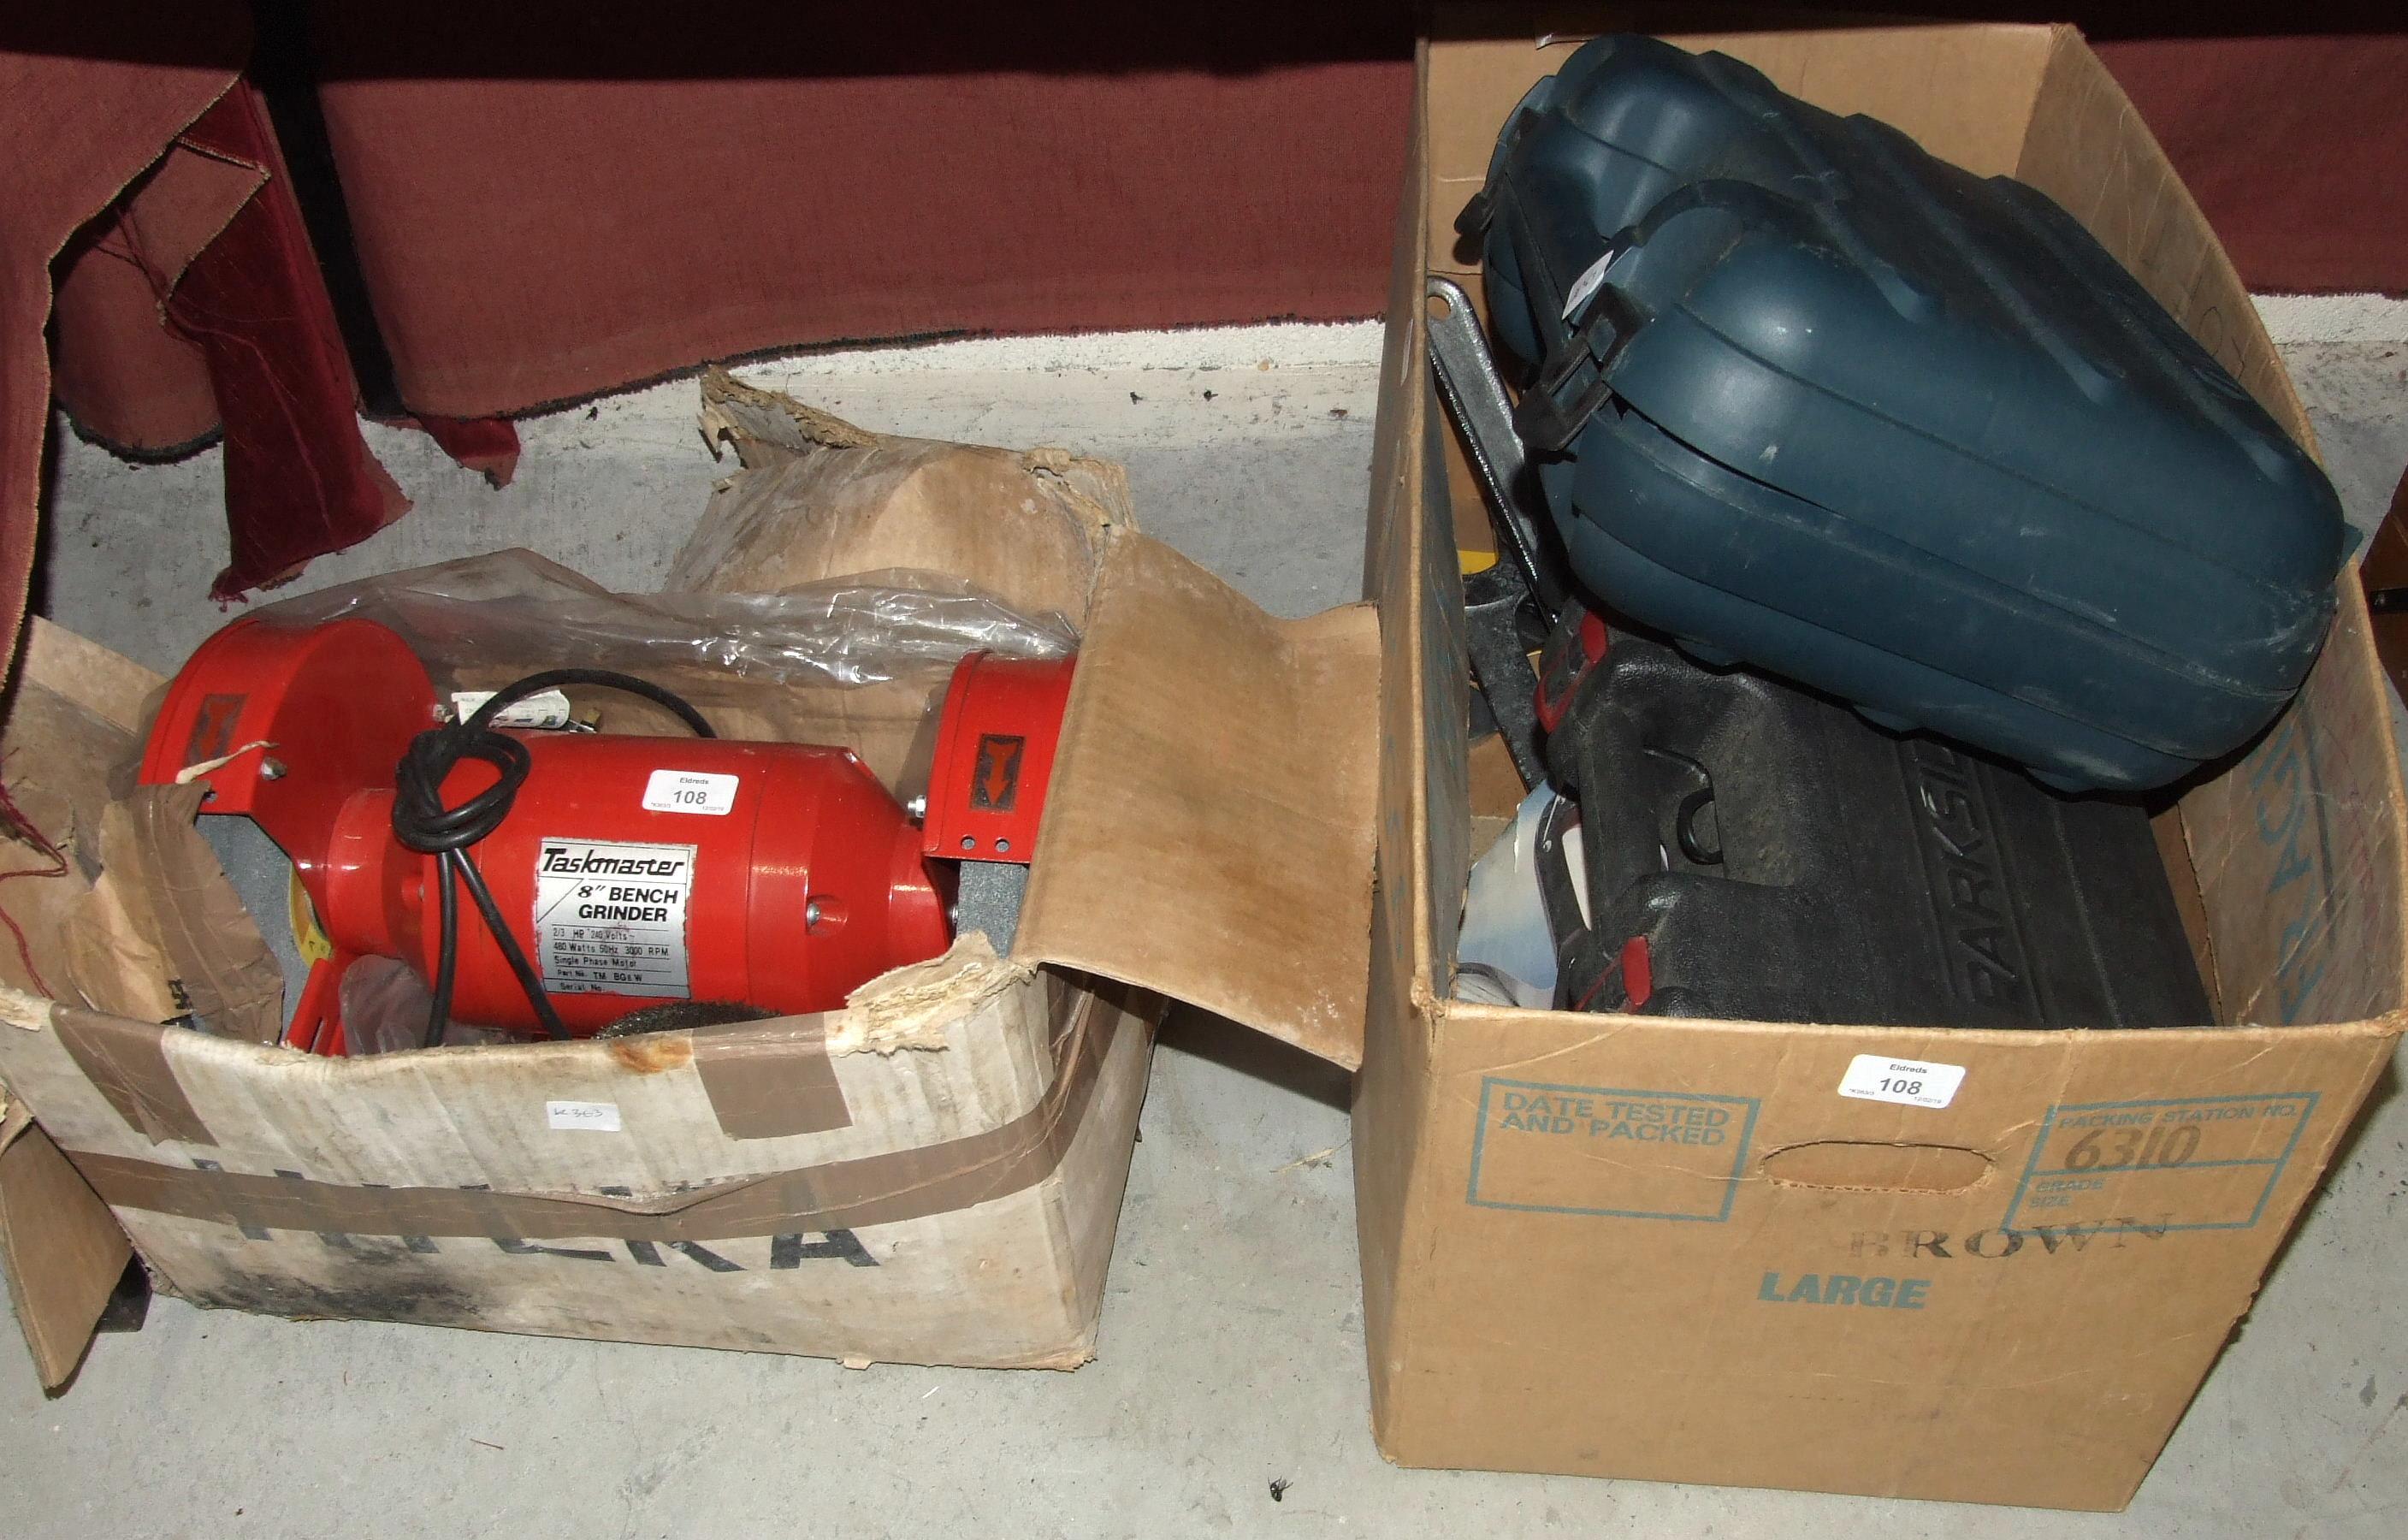 """Lot 108 - A Taskmaster 8"""" bench grinder, a Black & Decker KG75 angle grinder, a Parkside model making and"""